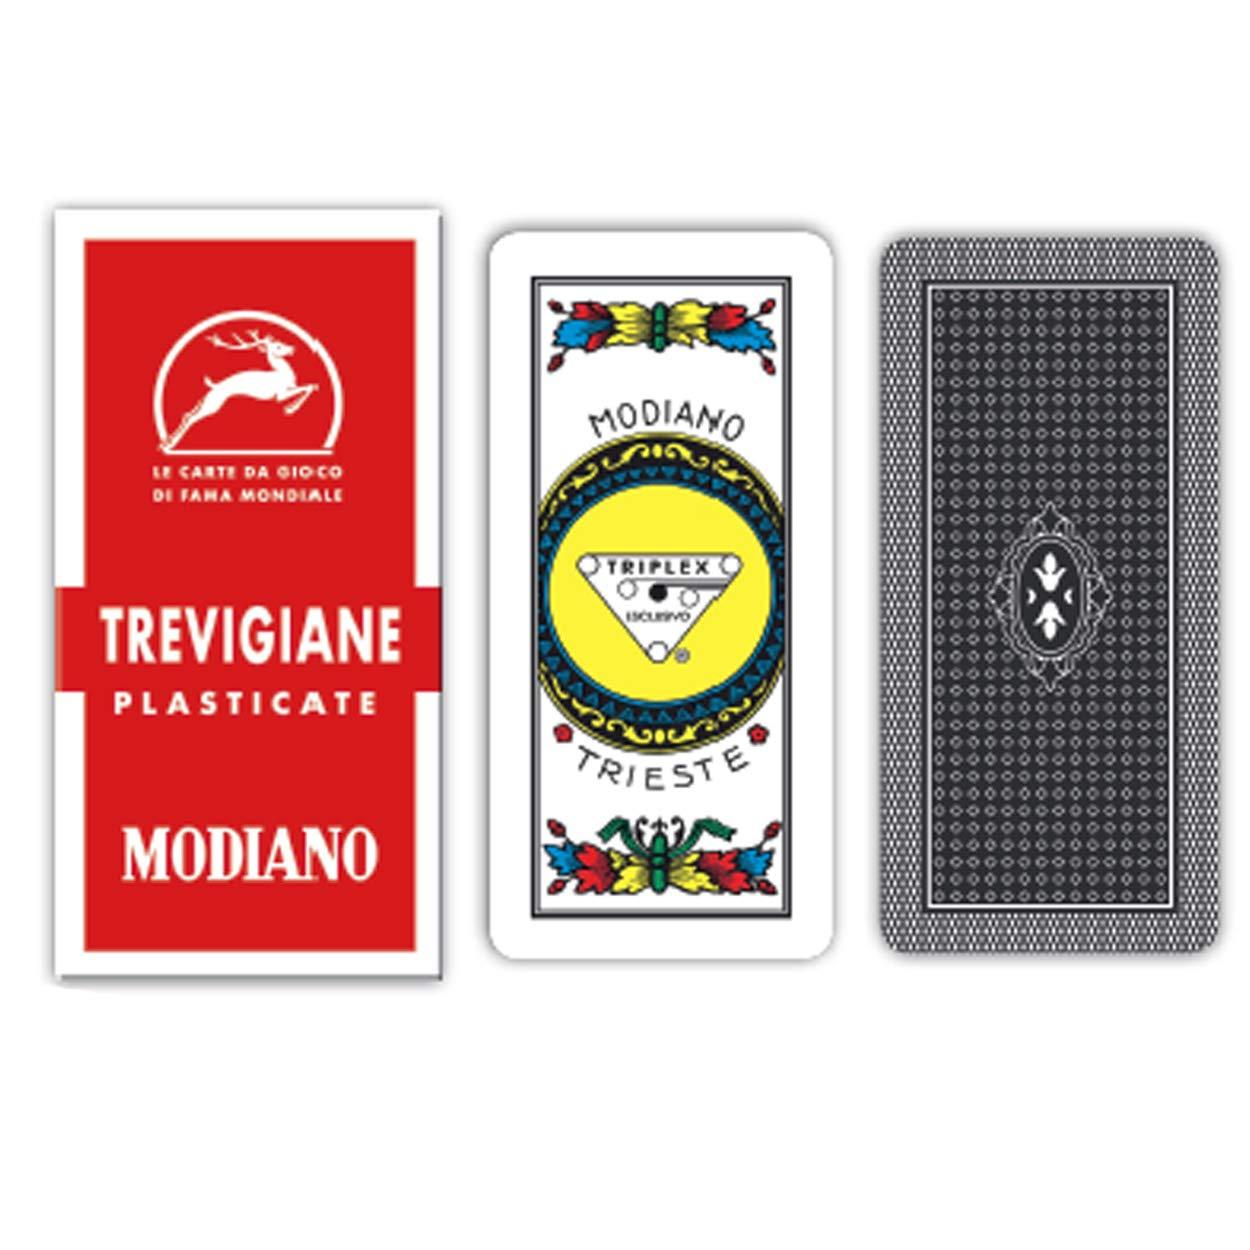 modiano 300134 cartes à jouer trévise 89/90 plastique